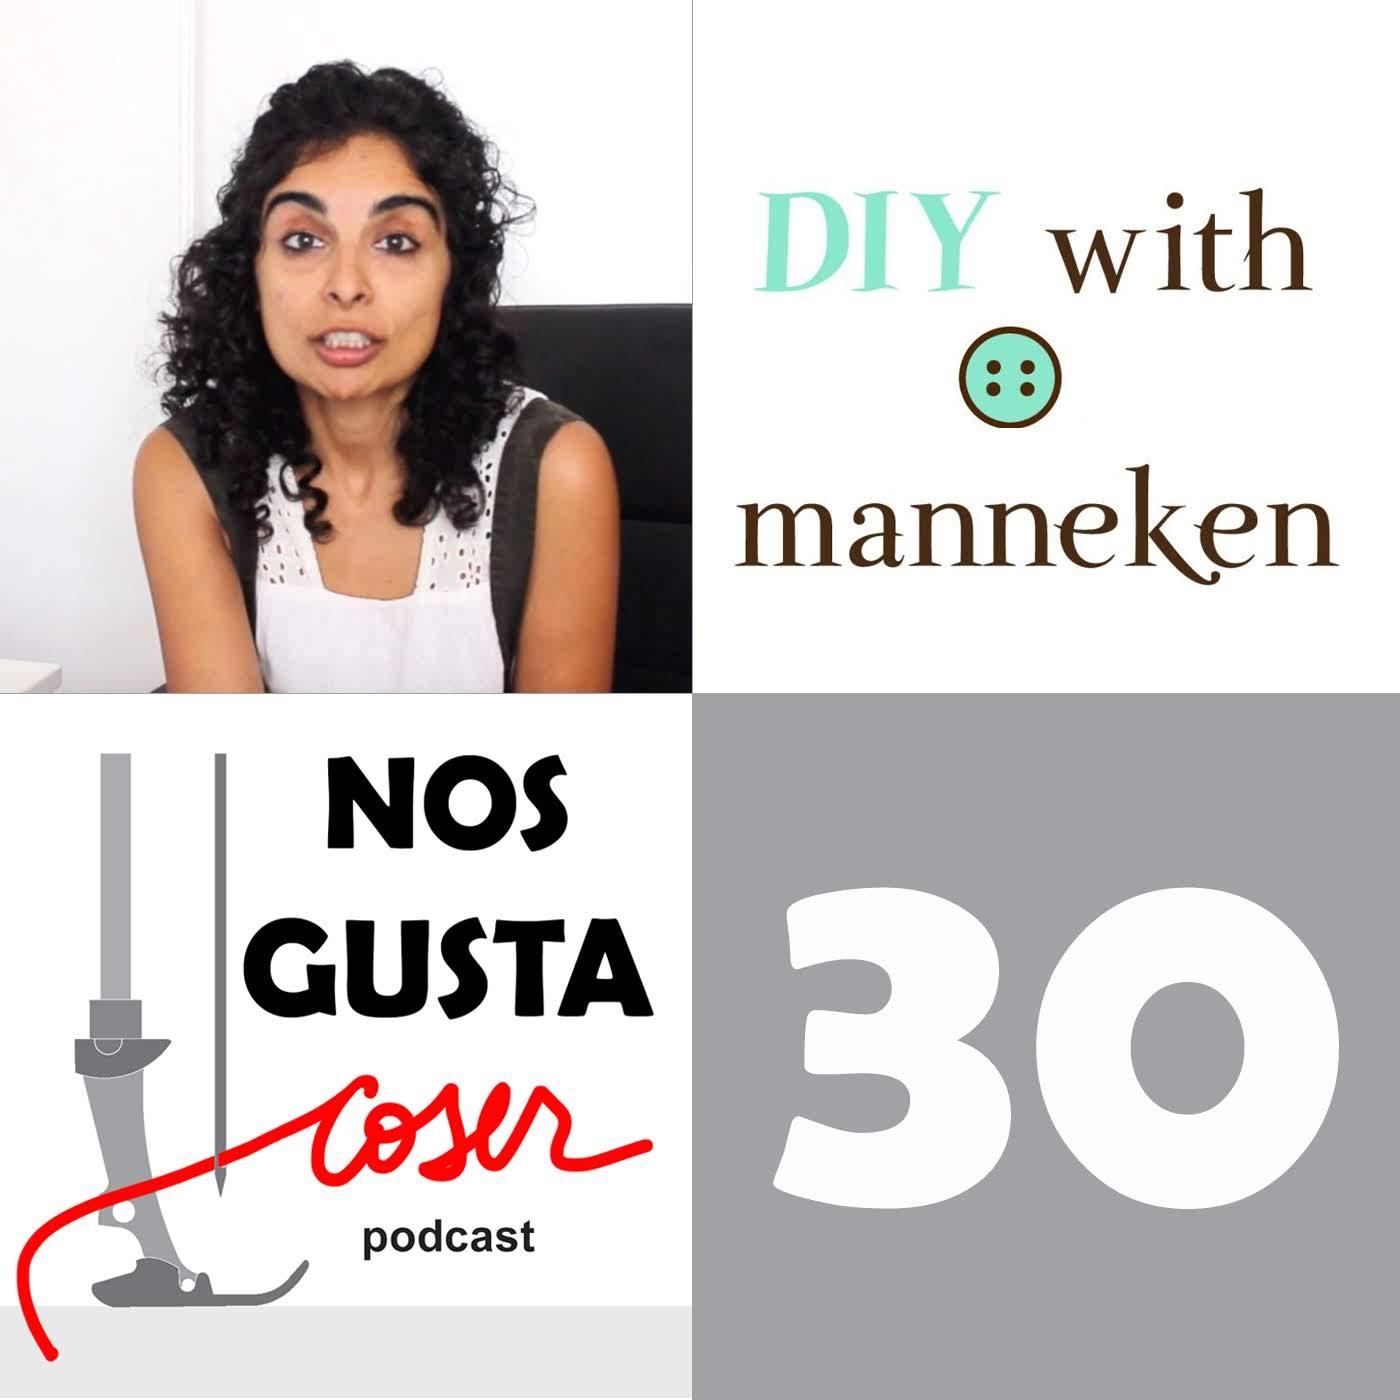 Nos Gusta Coser Podcast - Episodio 30   Diario de Naii